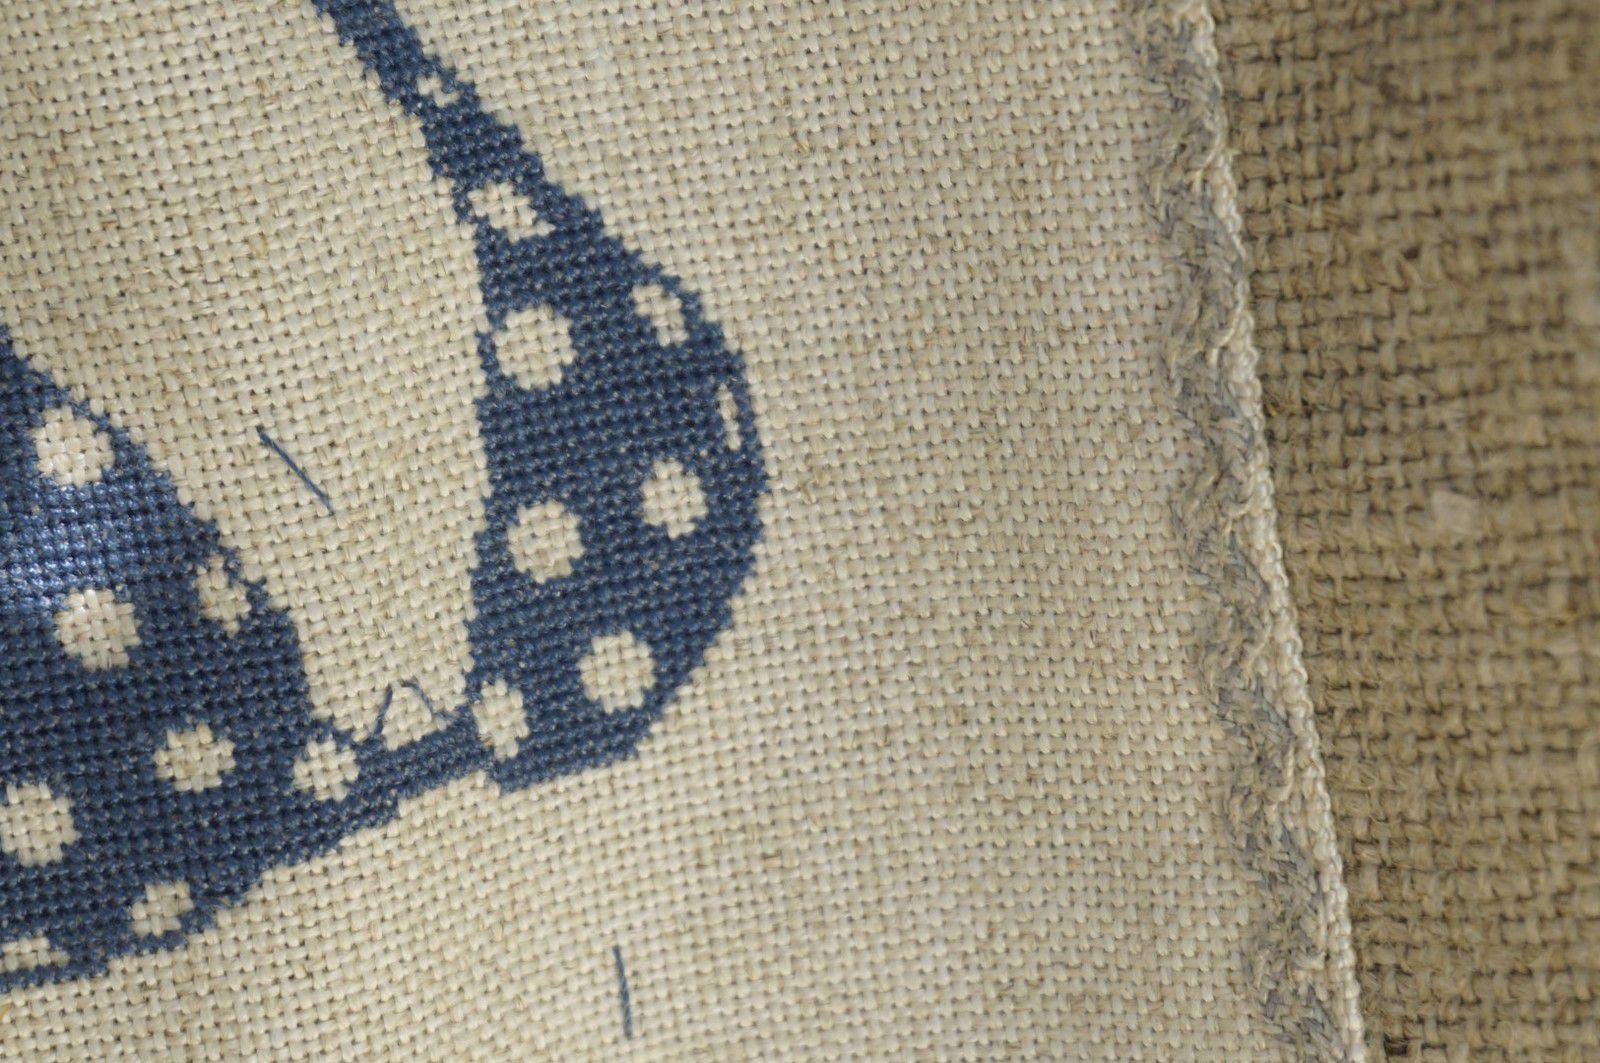 Doublé à l'intérieur d'un tissu blanc à étoile bleue, j'ai cousu une petite pochette et j'ai rajouté un croquet lin autour de la broderie. Le sac est bien grand avec une belle largeur de 14 cm pour qu'elle puisse ranger serviette, maillot, lunettes et livre.